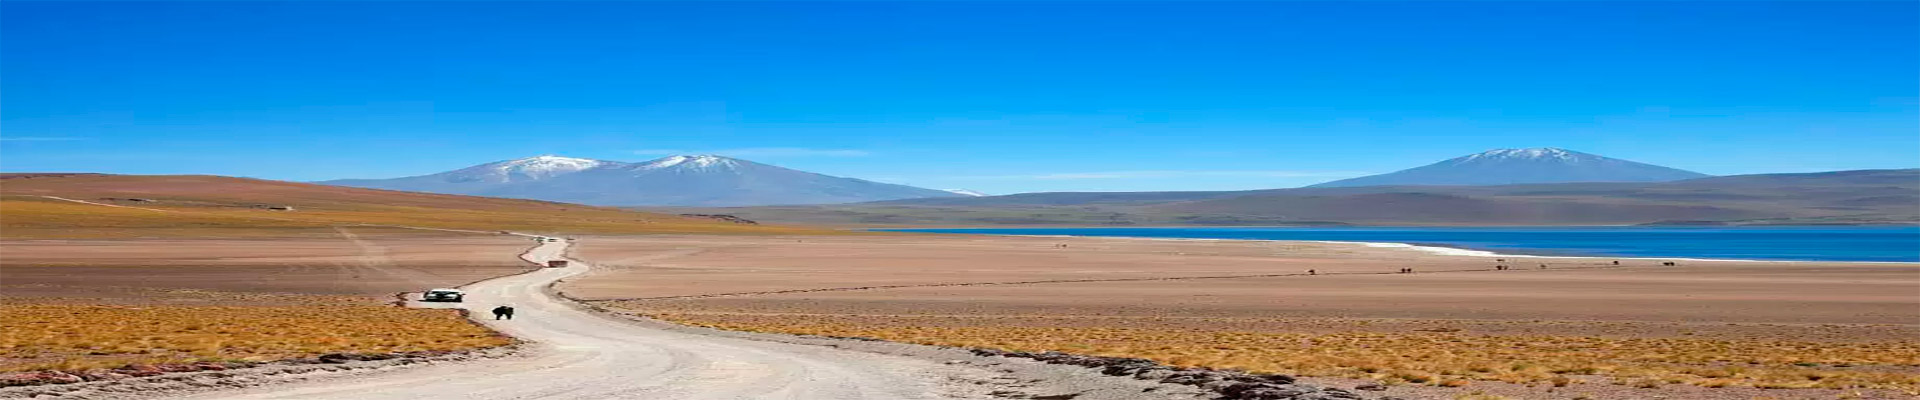 São Pedro do Atacama